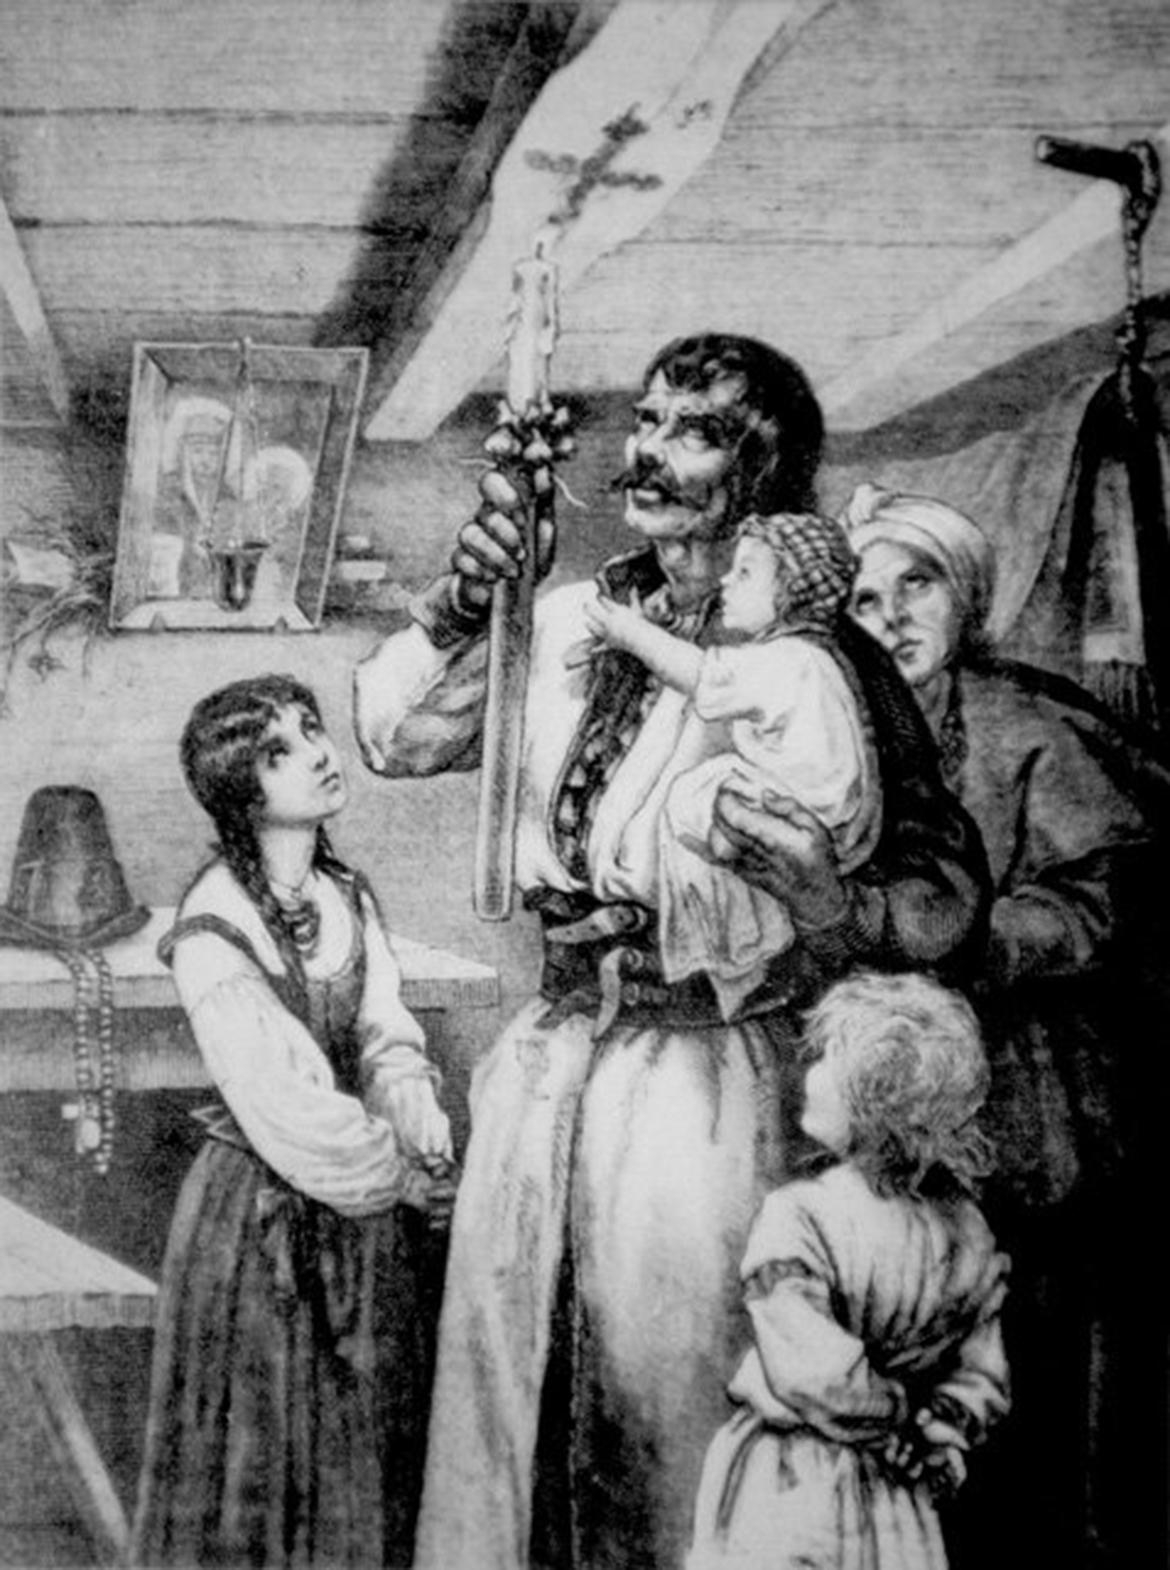 """Michał Elwir Andriolli """"Matka Boska Gromniczna (Wypalanie znaku krzyża na tragarzu chaty w dzień Matki Boskiej Gromnicznej)"""" - rysunek."""